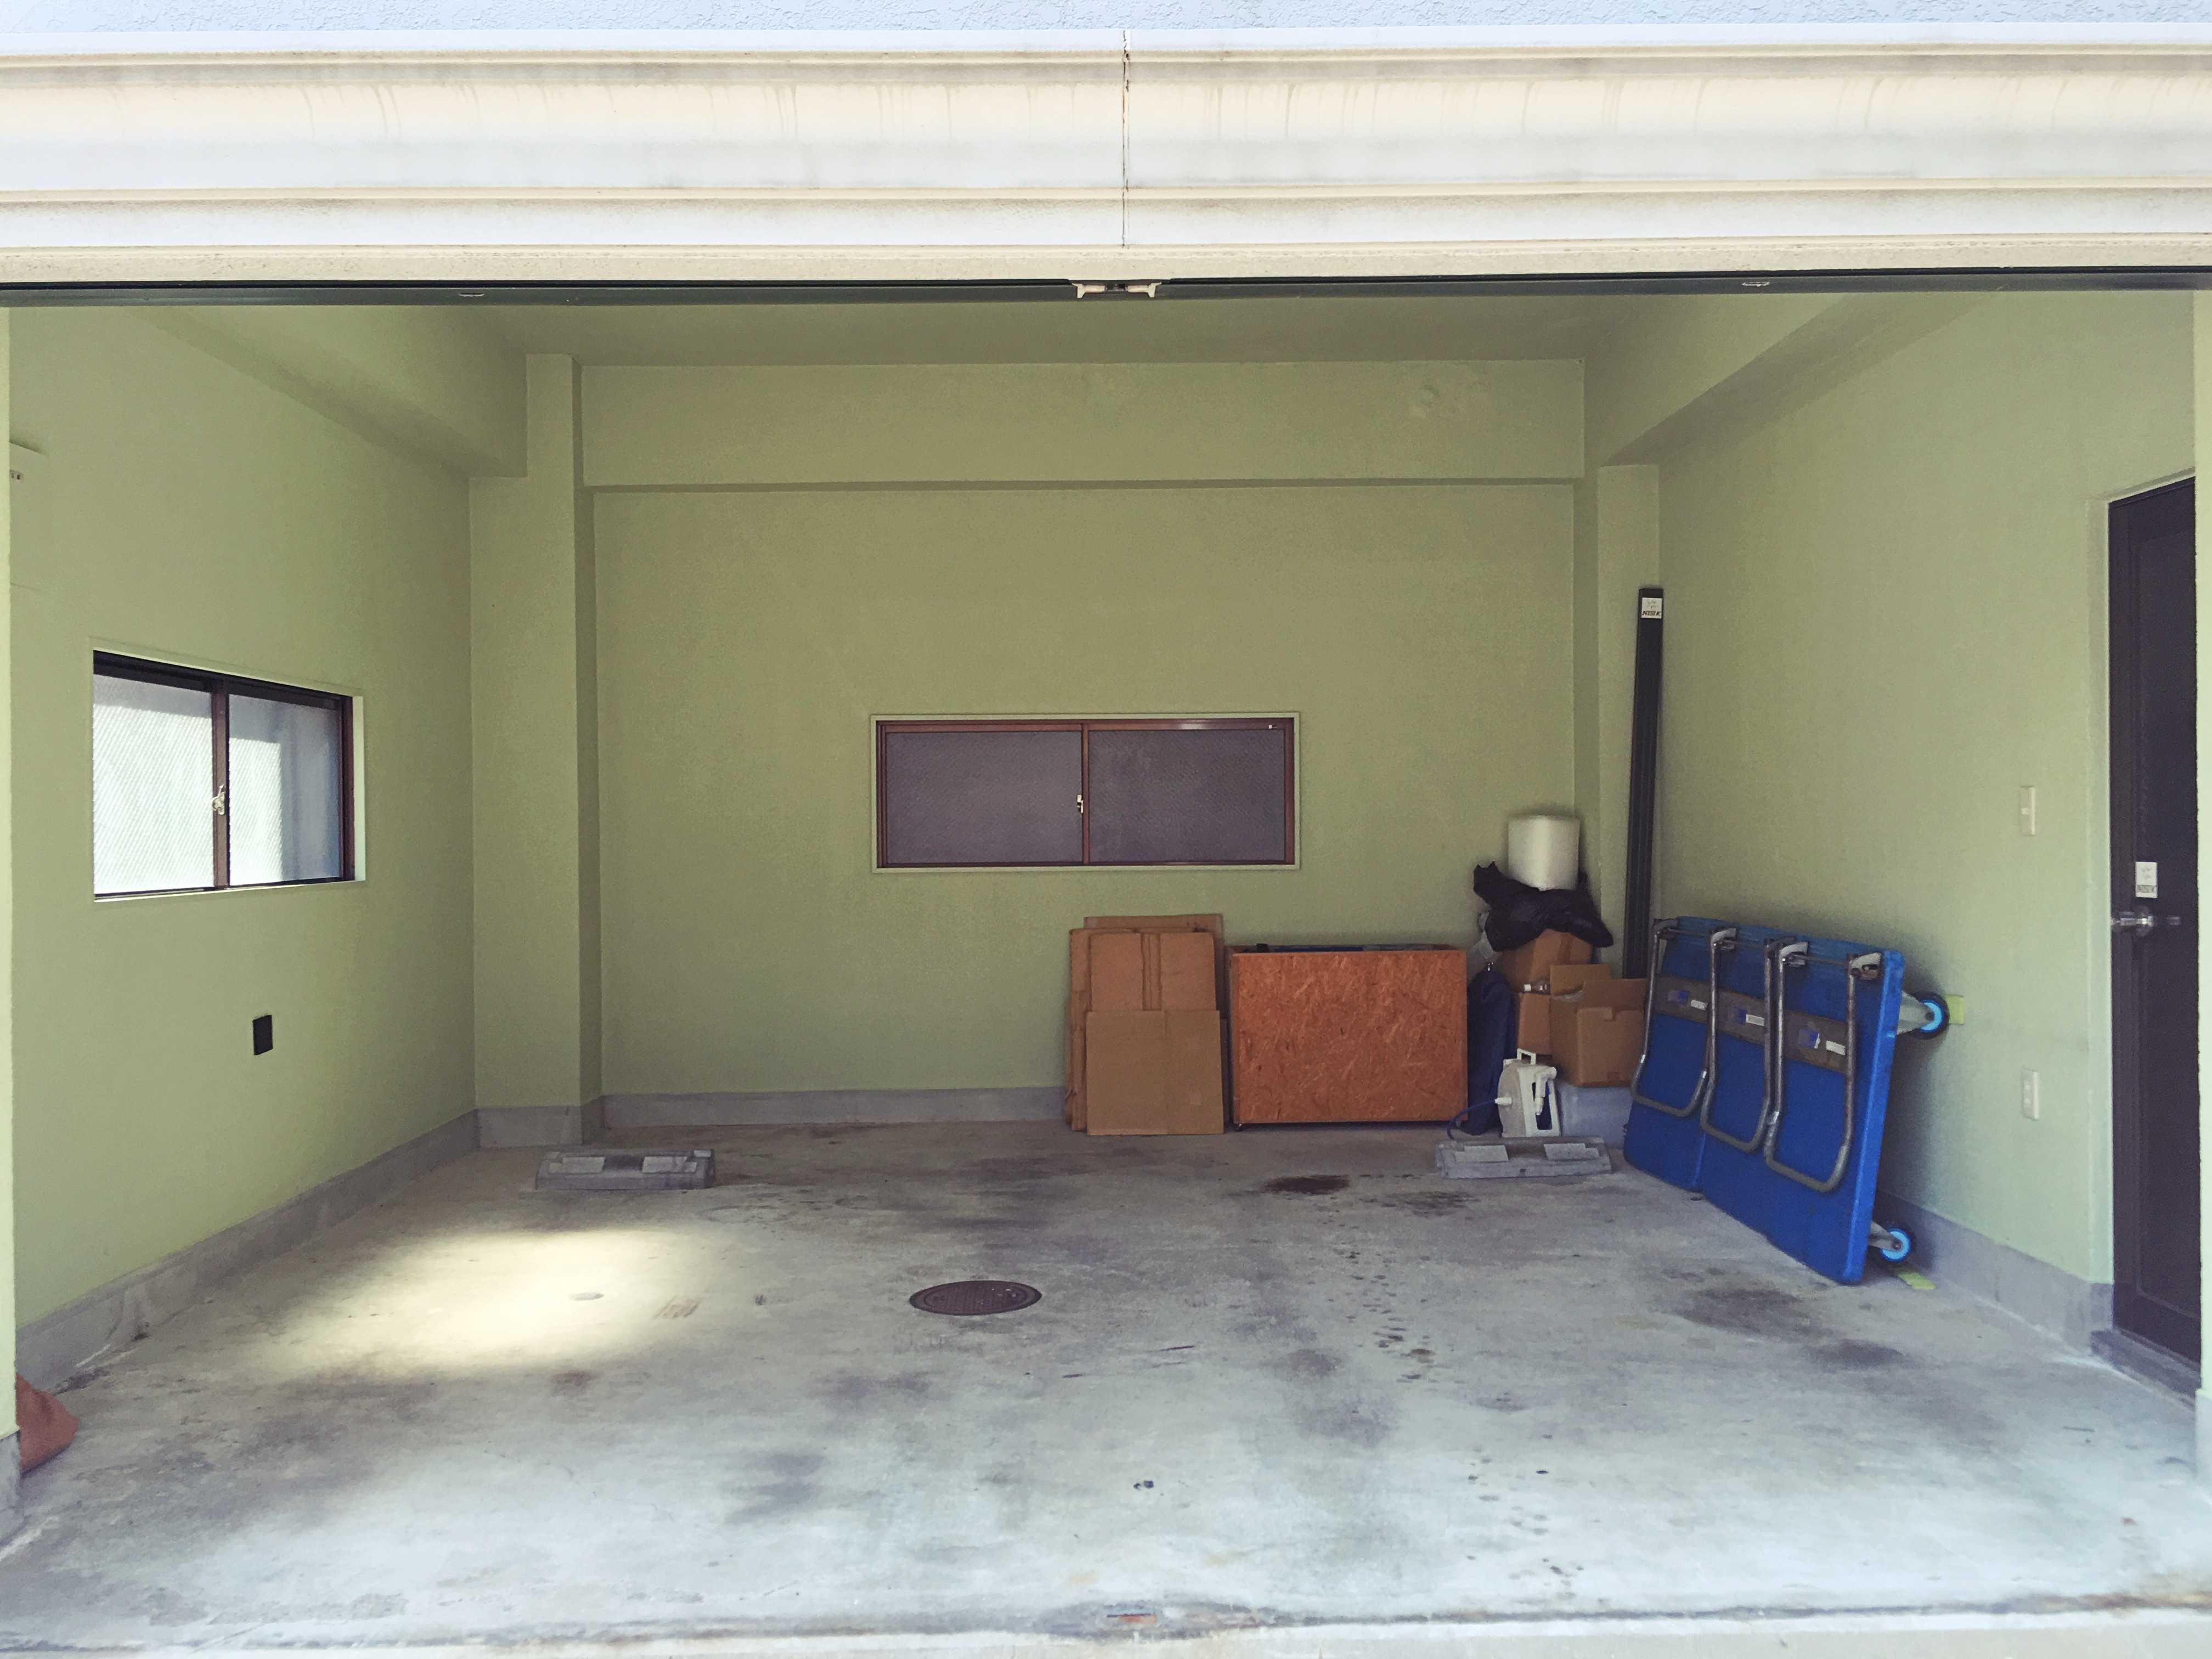 3面開口。右側の扉から2階のお手洗いが利用可能。